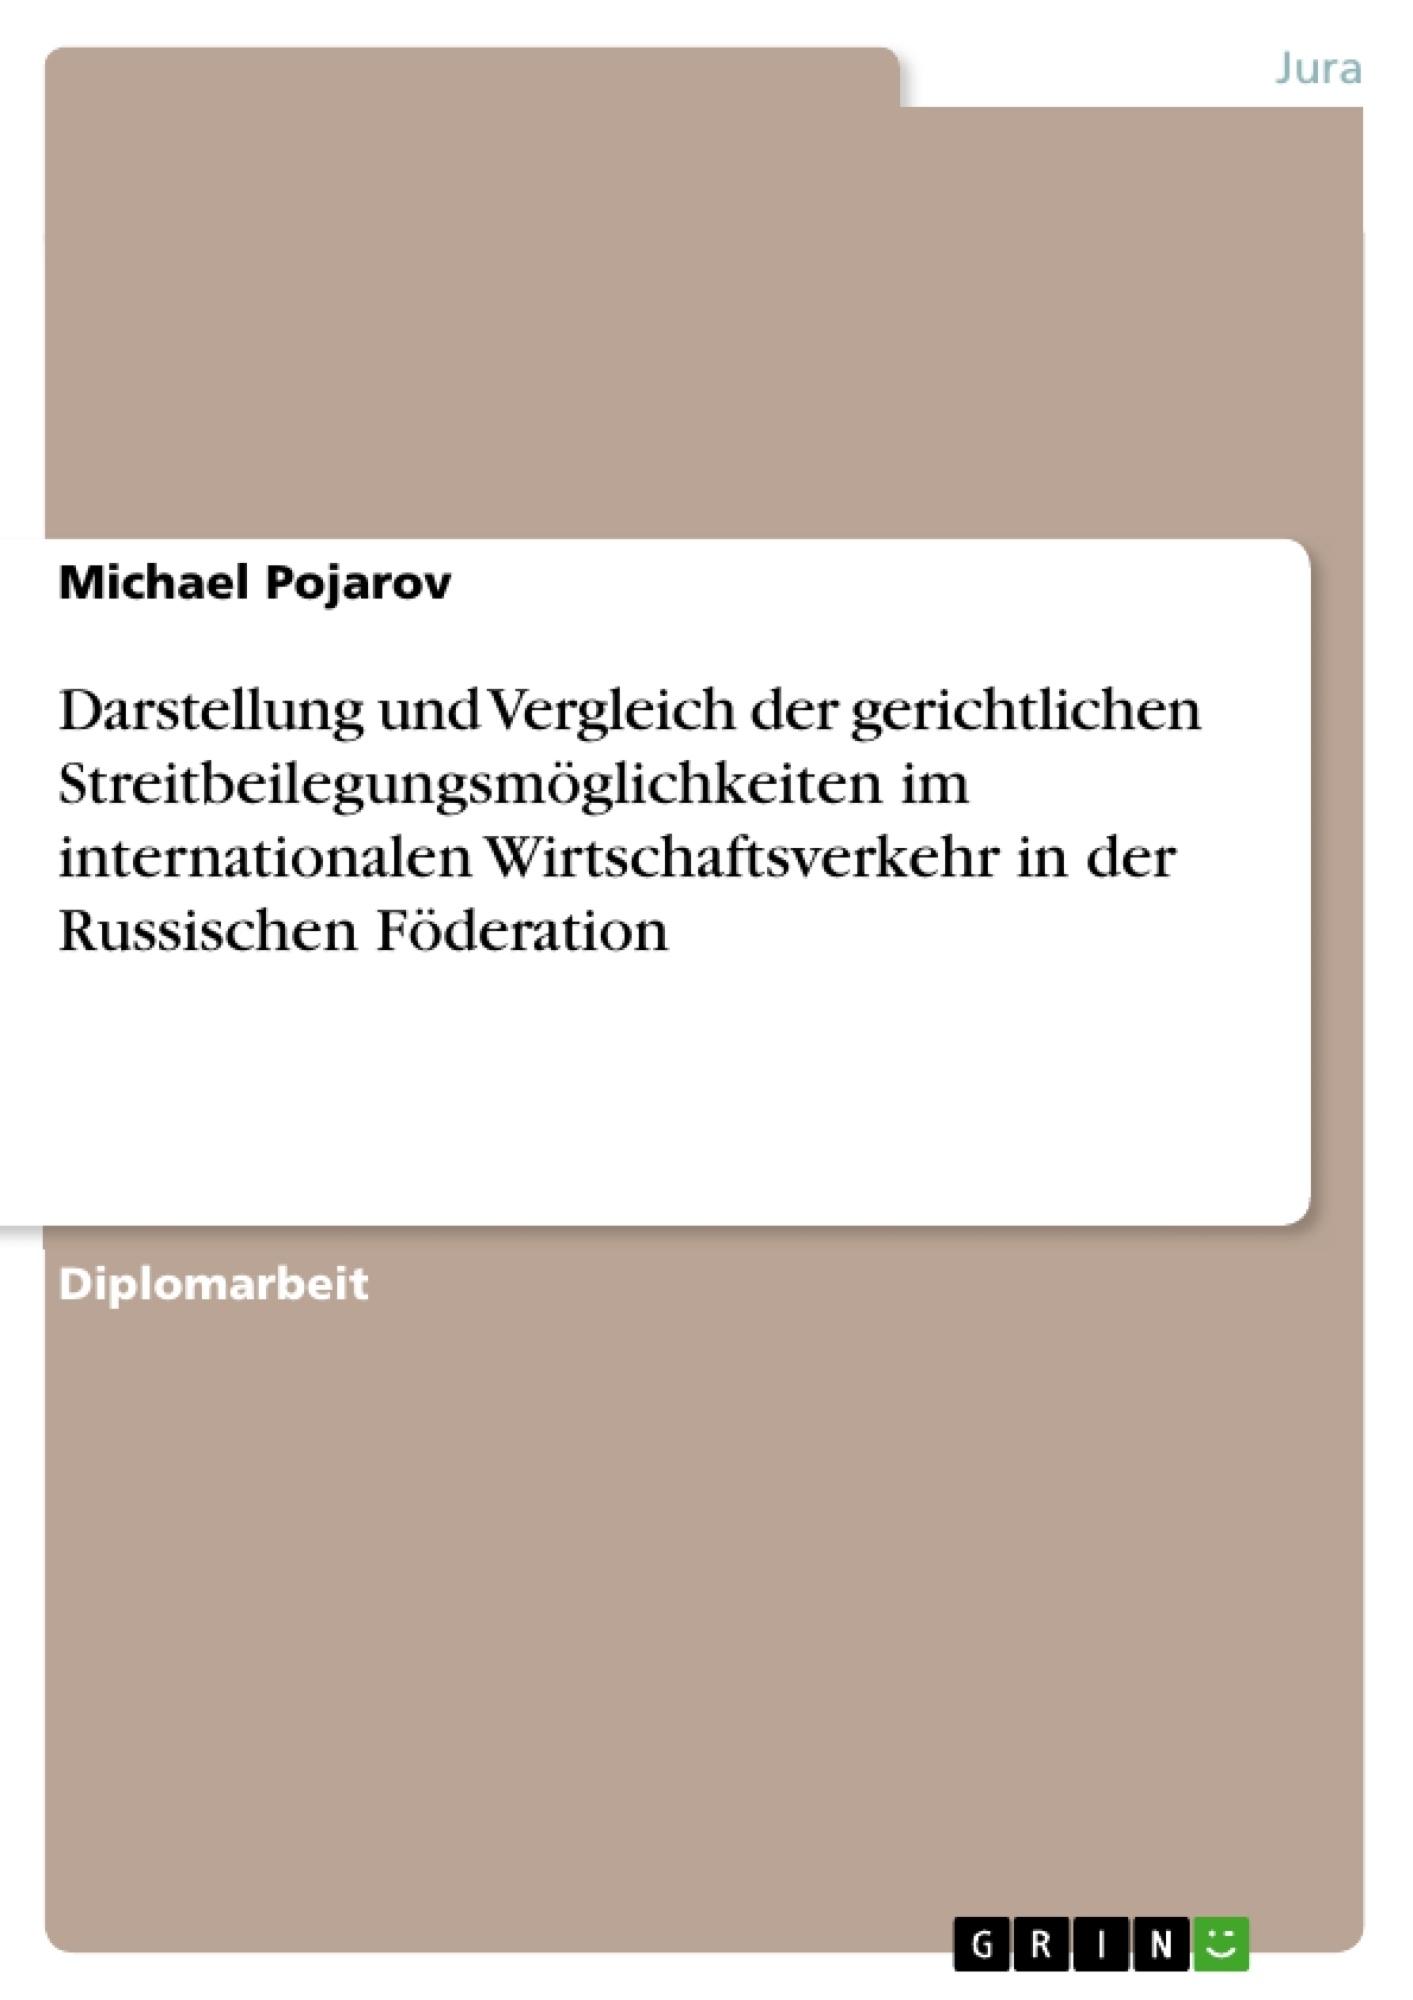 Titel: Darstellung und Vergleich der gerichtlichen Streitbeilegungsmöglichkeiten im internationalen Wirtschaftsverkehr in der Russischen Föderation